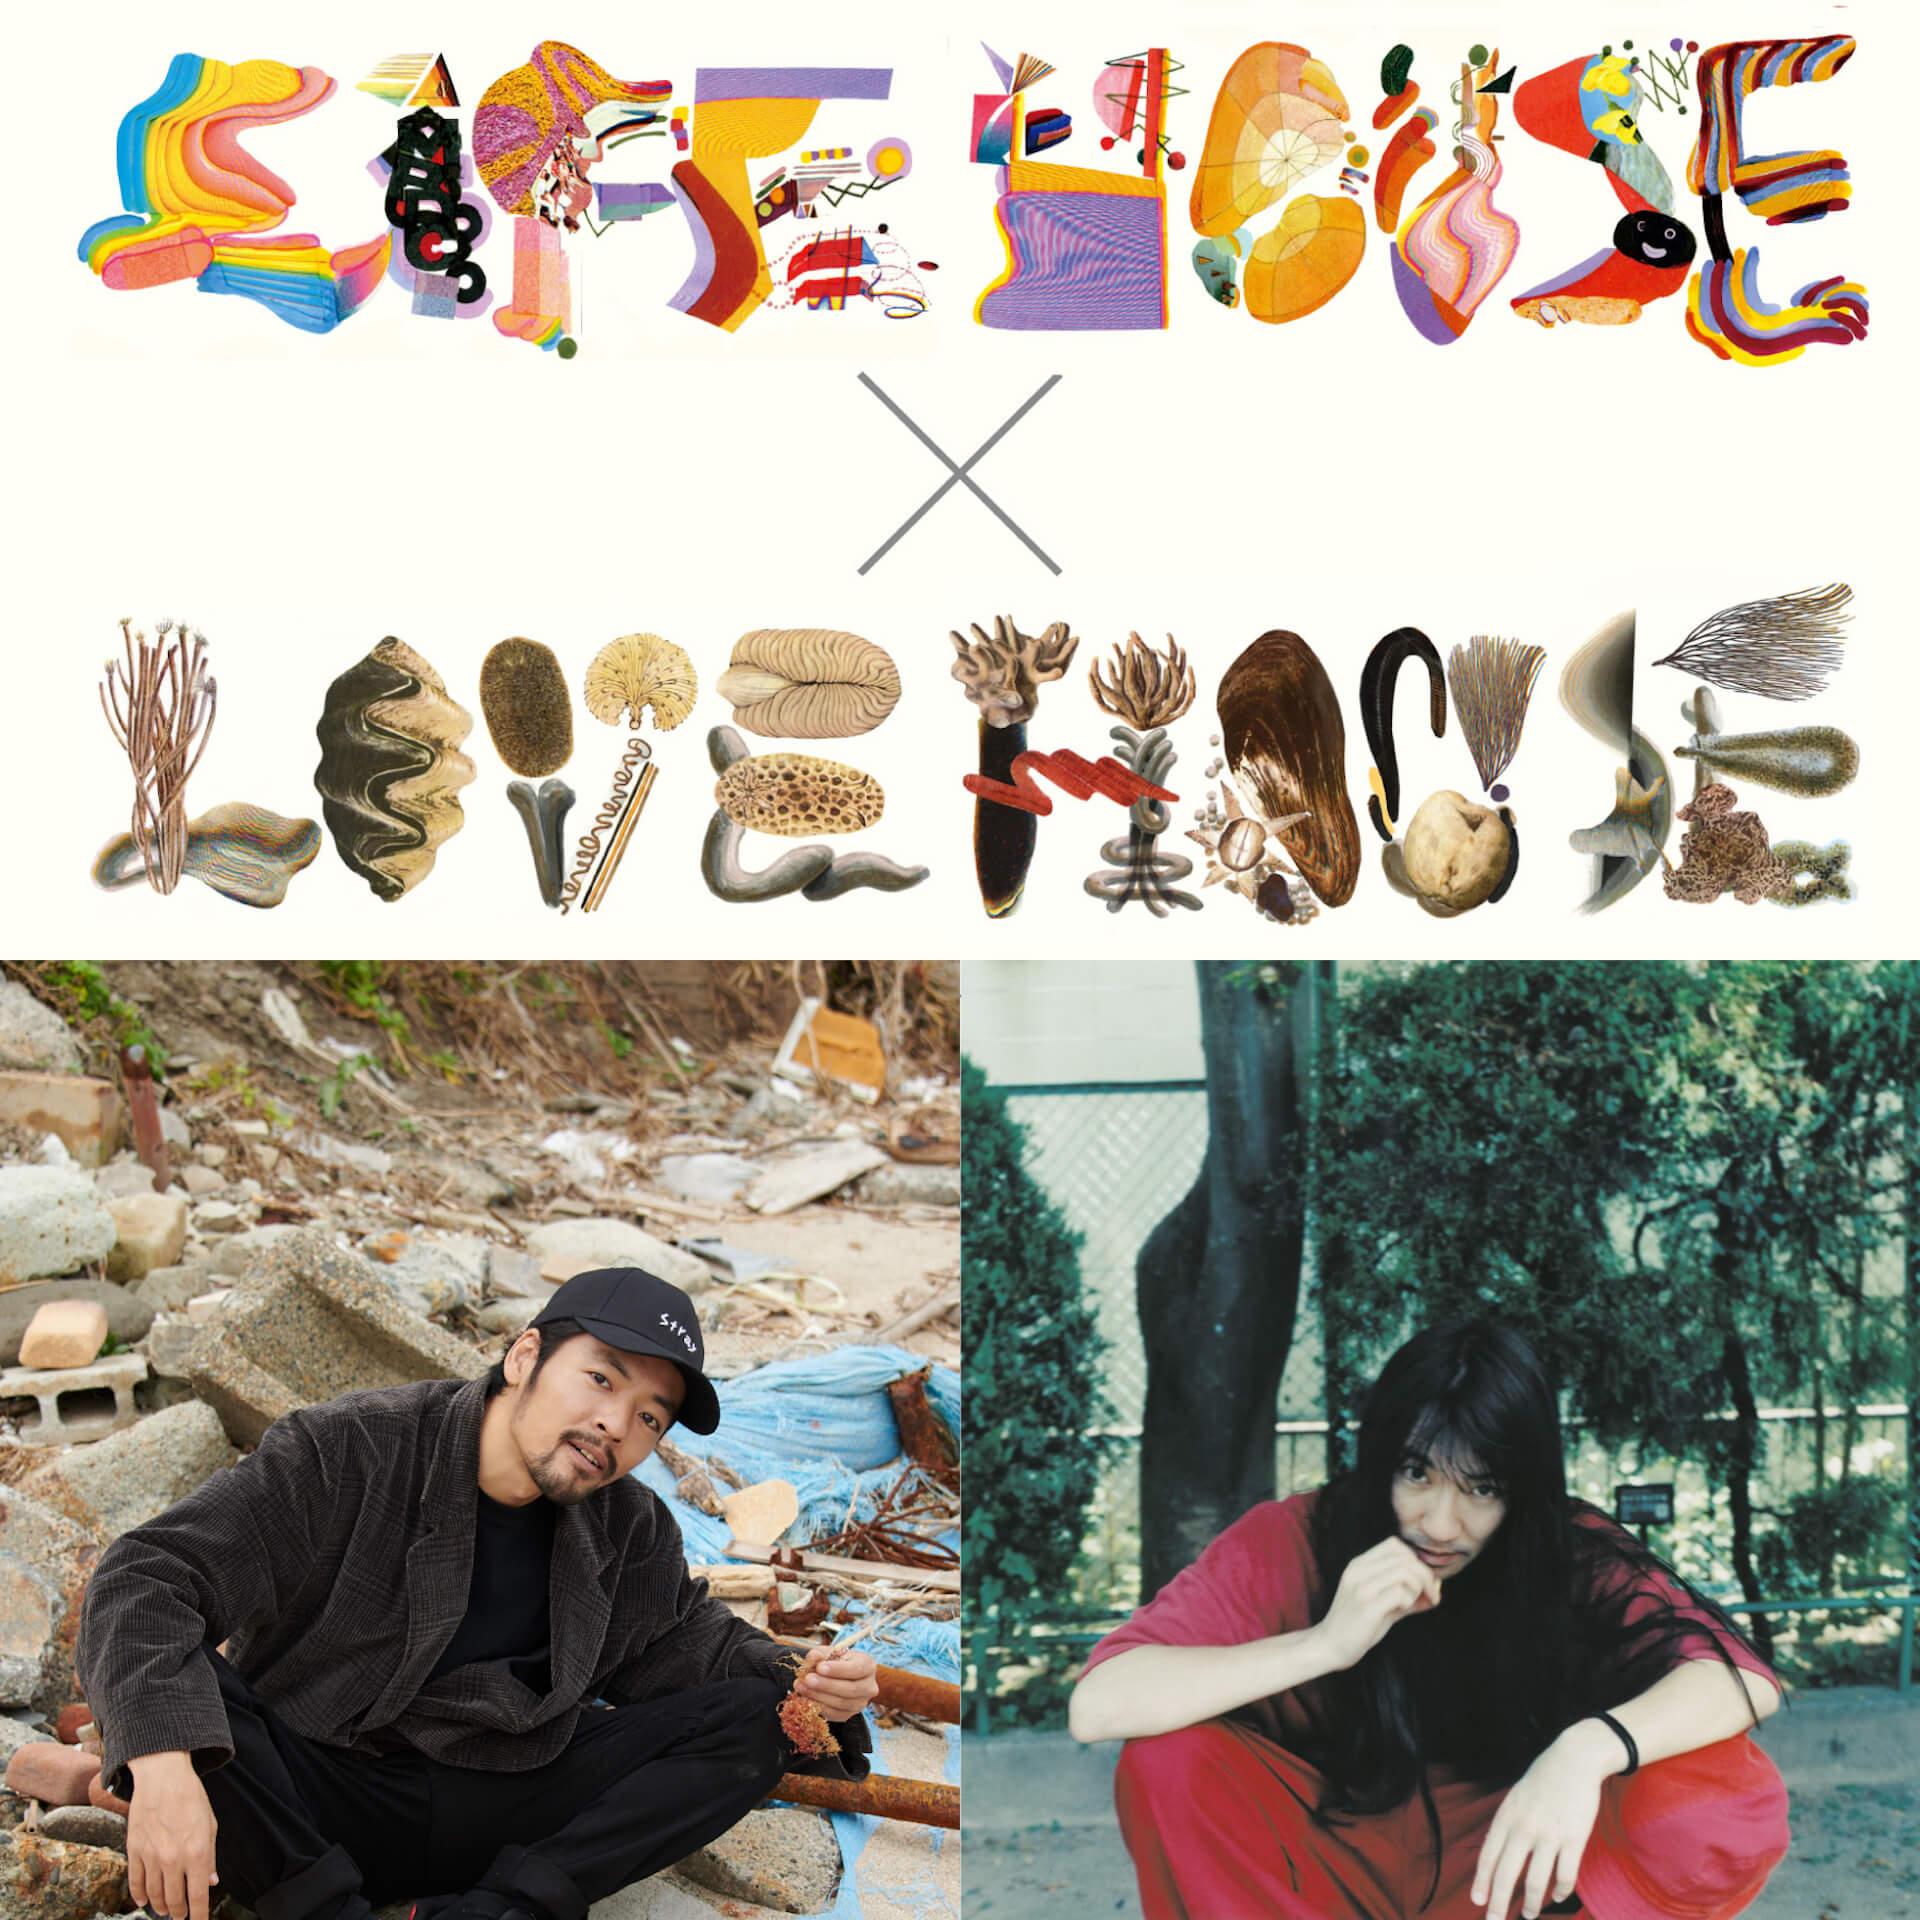 七尾旅人が対コロナ支援配信「LIFE HOUSE」で10周年を迎えた渋谷WWWの特別公演を開催決定!ゲストにマヒトゥ・ザ・ピーポー music201109_livehouse_1